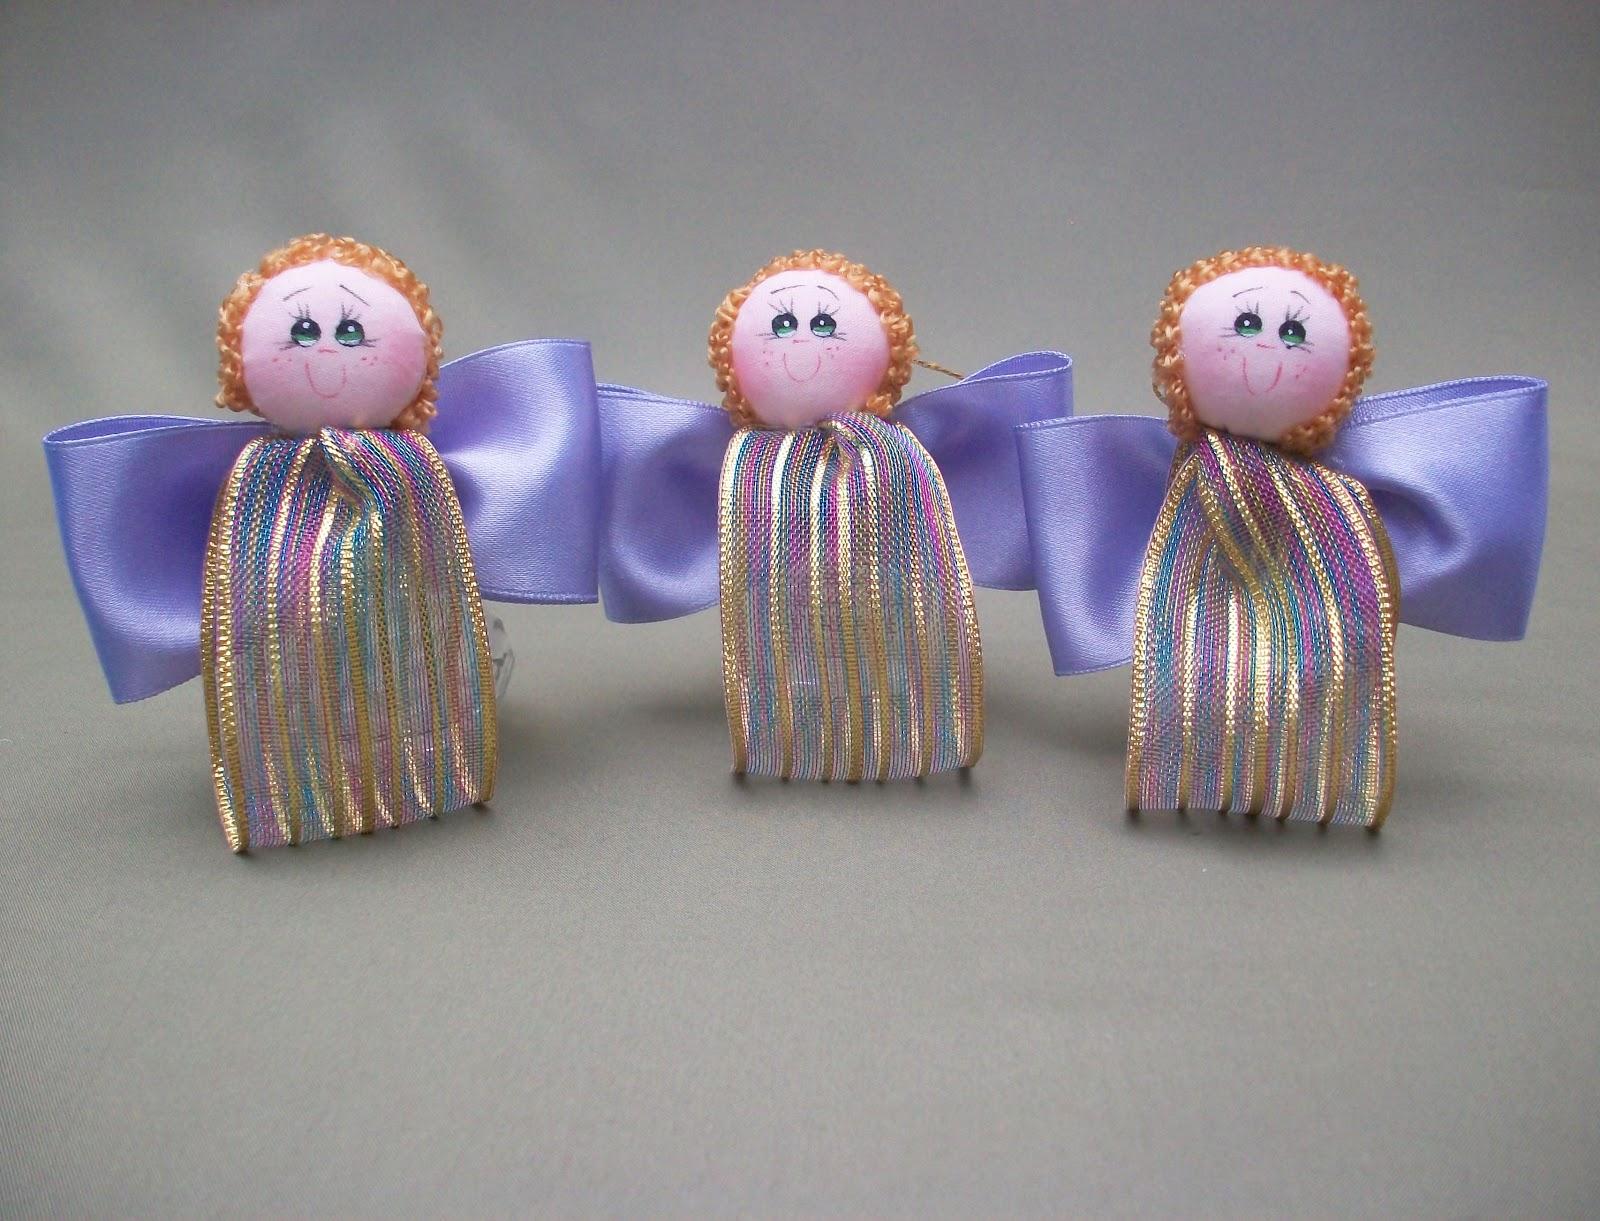 Recuerdos cecile originales adornos navide os para colgar for Adornos navidenos para el arbol